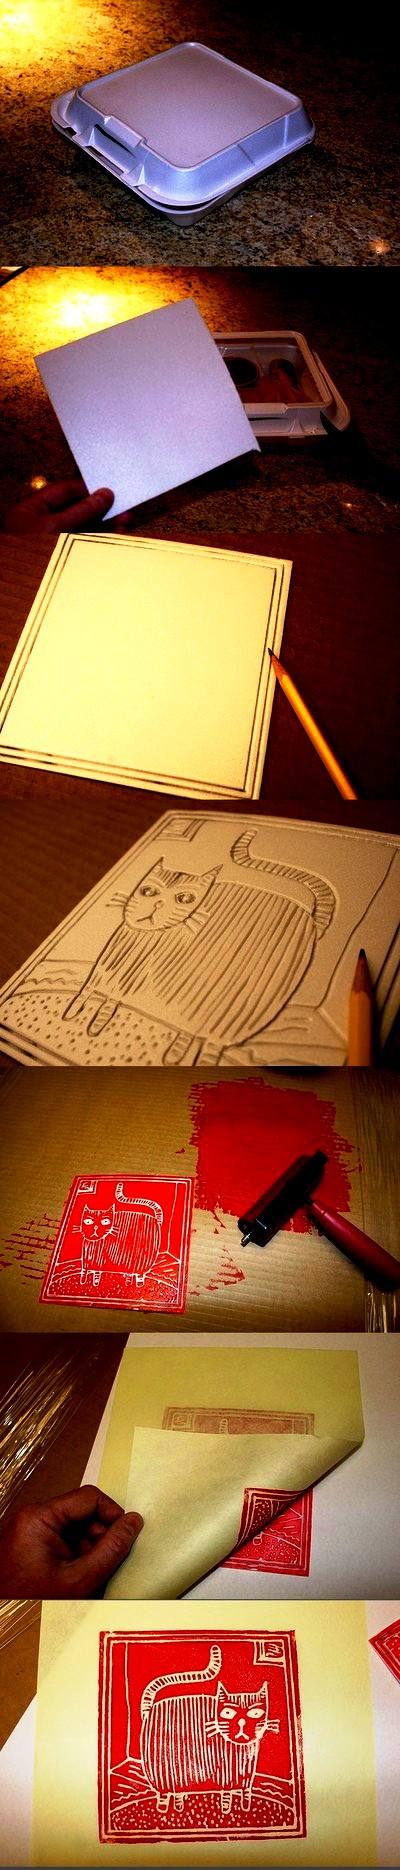 Рисунок своими руками - рисунок для печати (1)